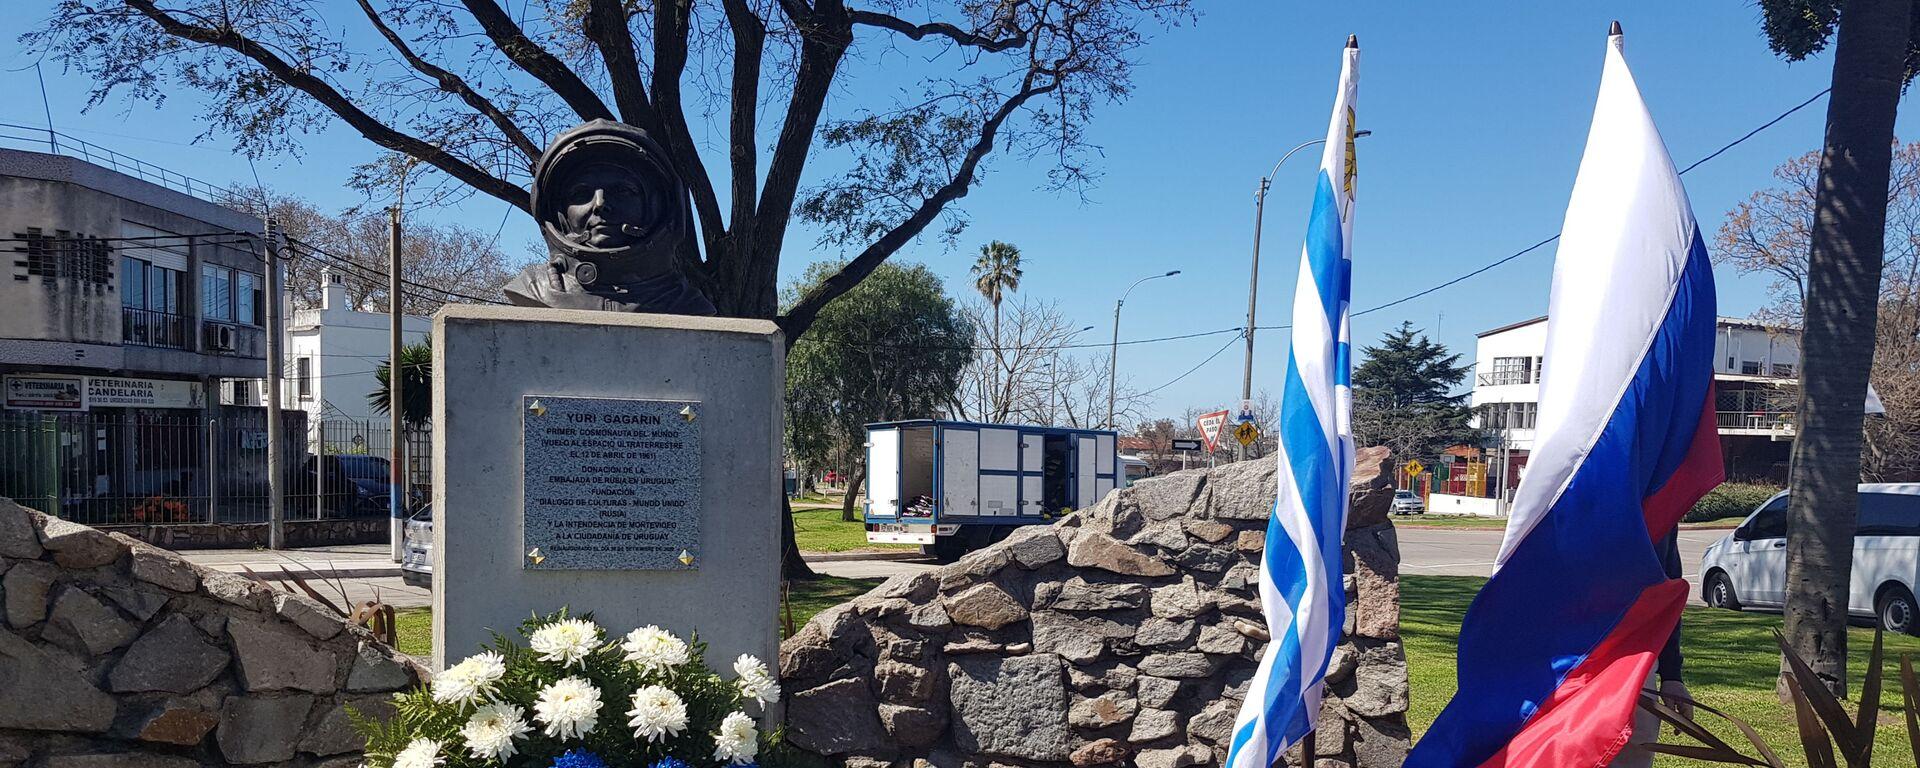 La inauguración de un monumento al cosmonauta ruso Yuri Gagarin en Montevideo, Uruguay - Sputnik Mundo, 1920, 09.04.2021